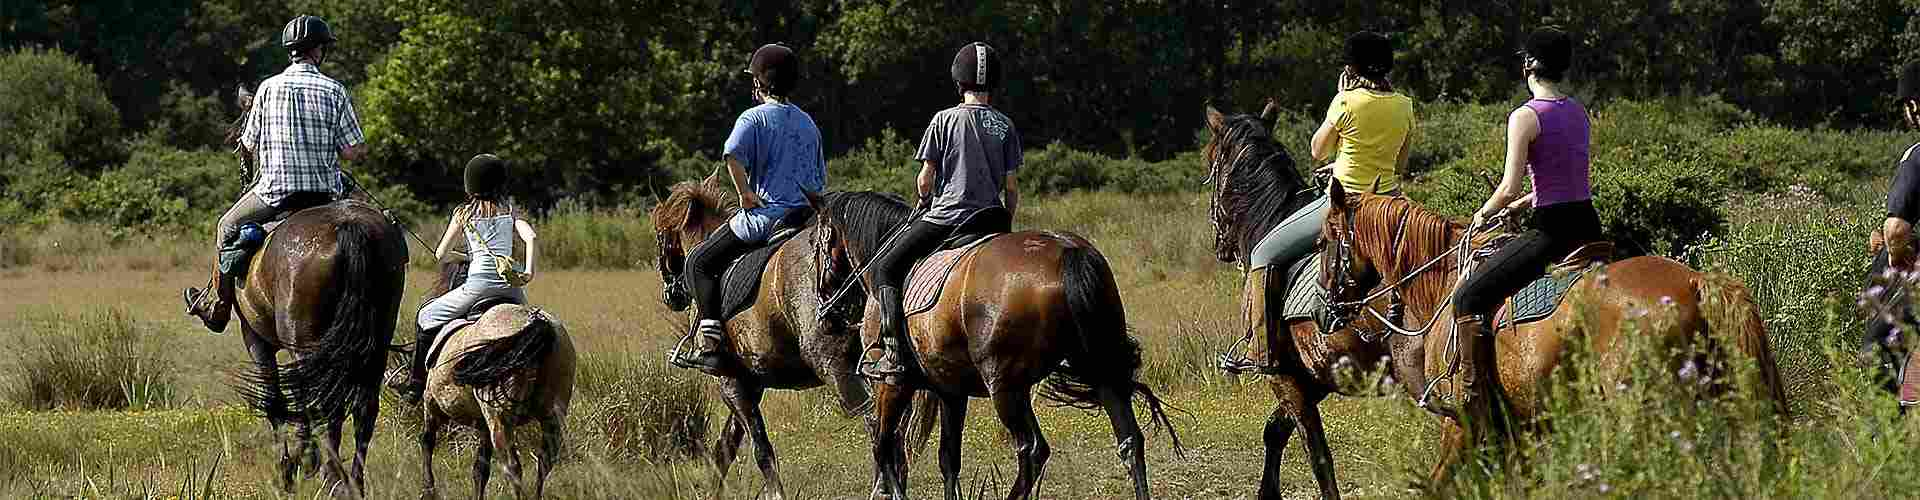 paseos en caballo en centrosdeportes de Los Cristianos